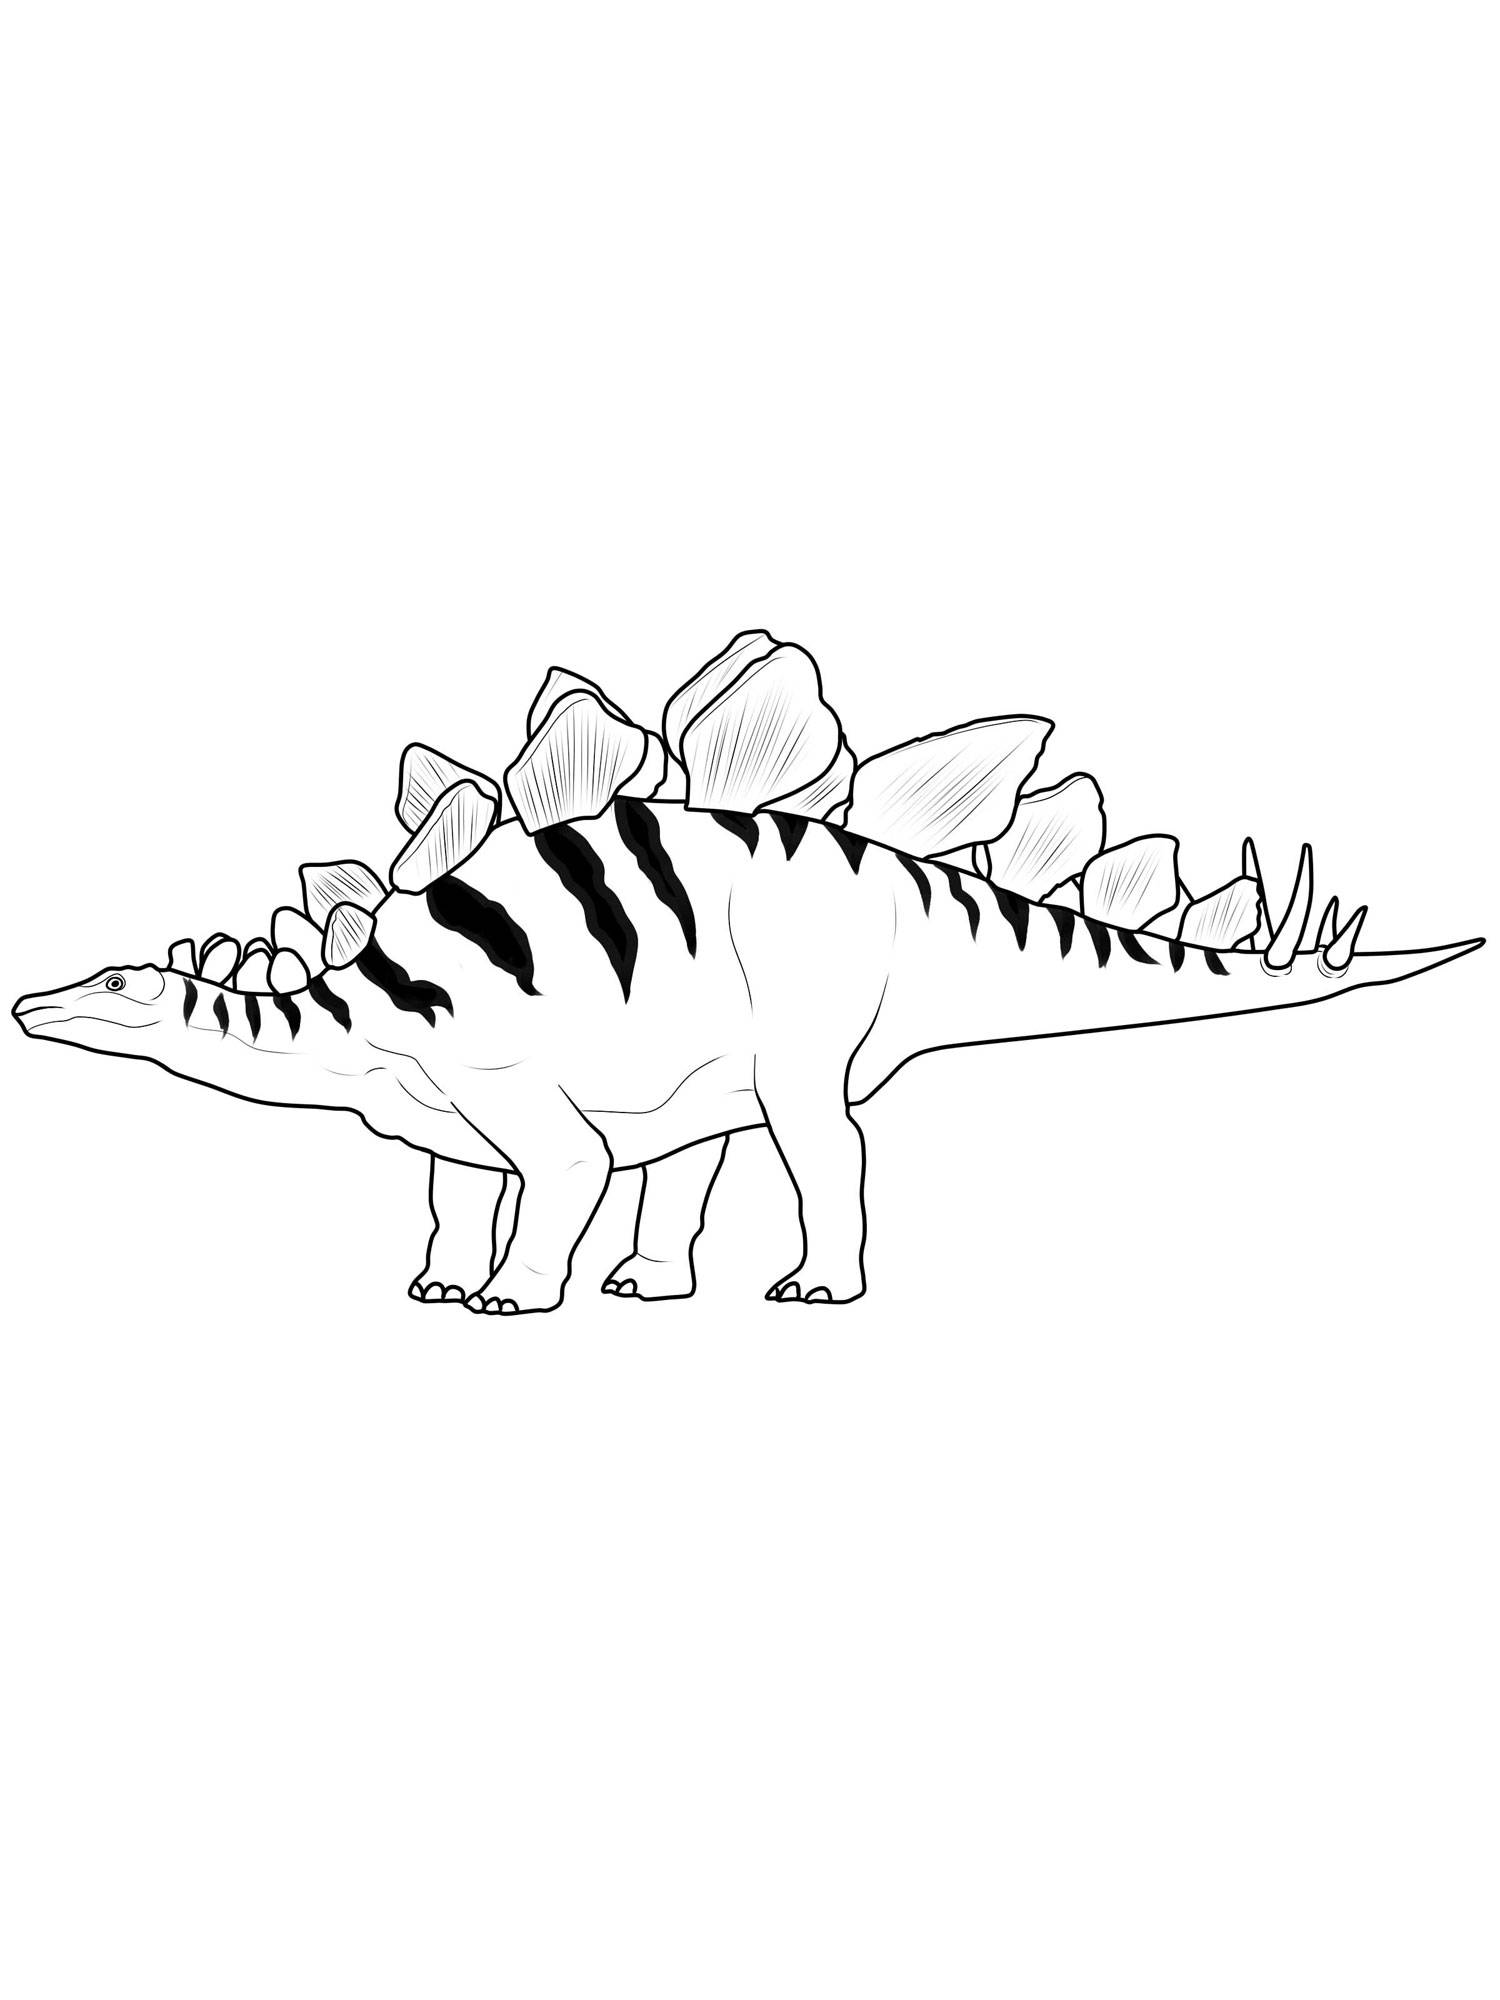 Ausmalbilder Dinosaurier Kostenlos Ausdrucken : Ausmalbild Dinosaurier Und Steinzeit Dinosaurier Stegosaurus